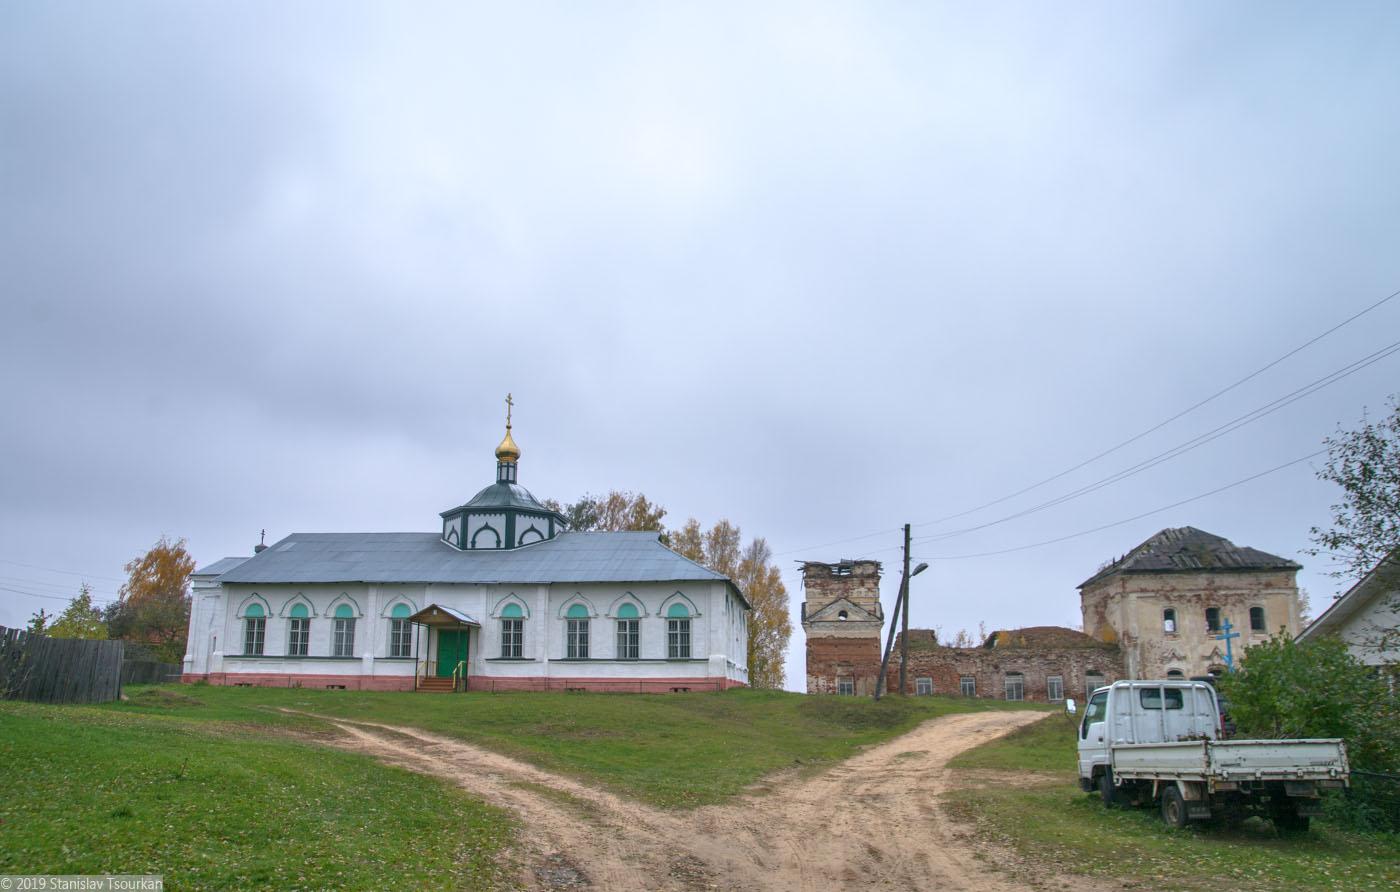 Весьегонск, Тверская область,  Казанская церковь, Троицкая церковь, старый Весьегонск